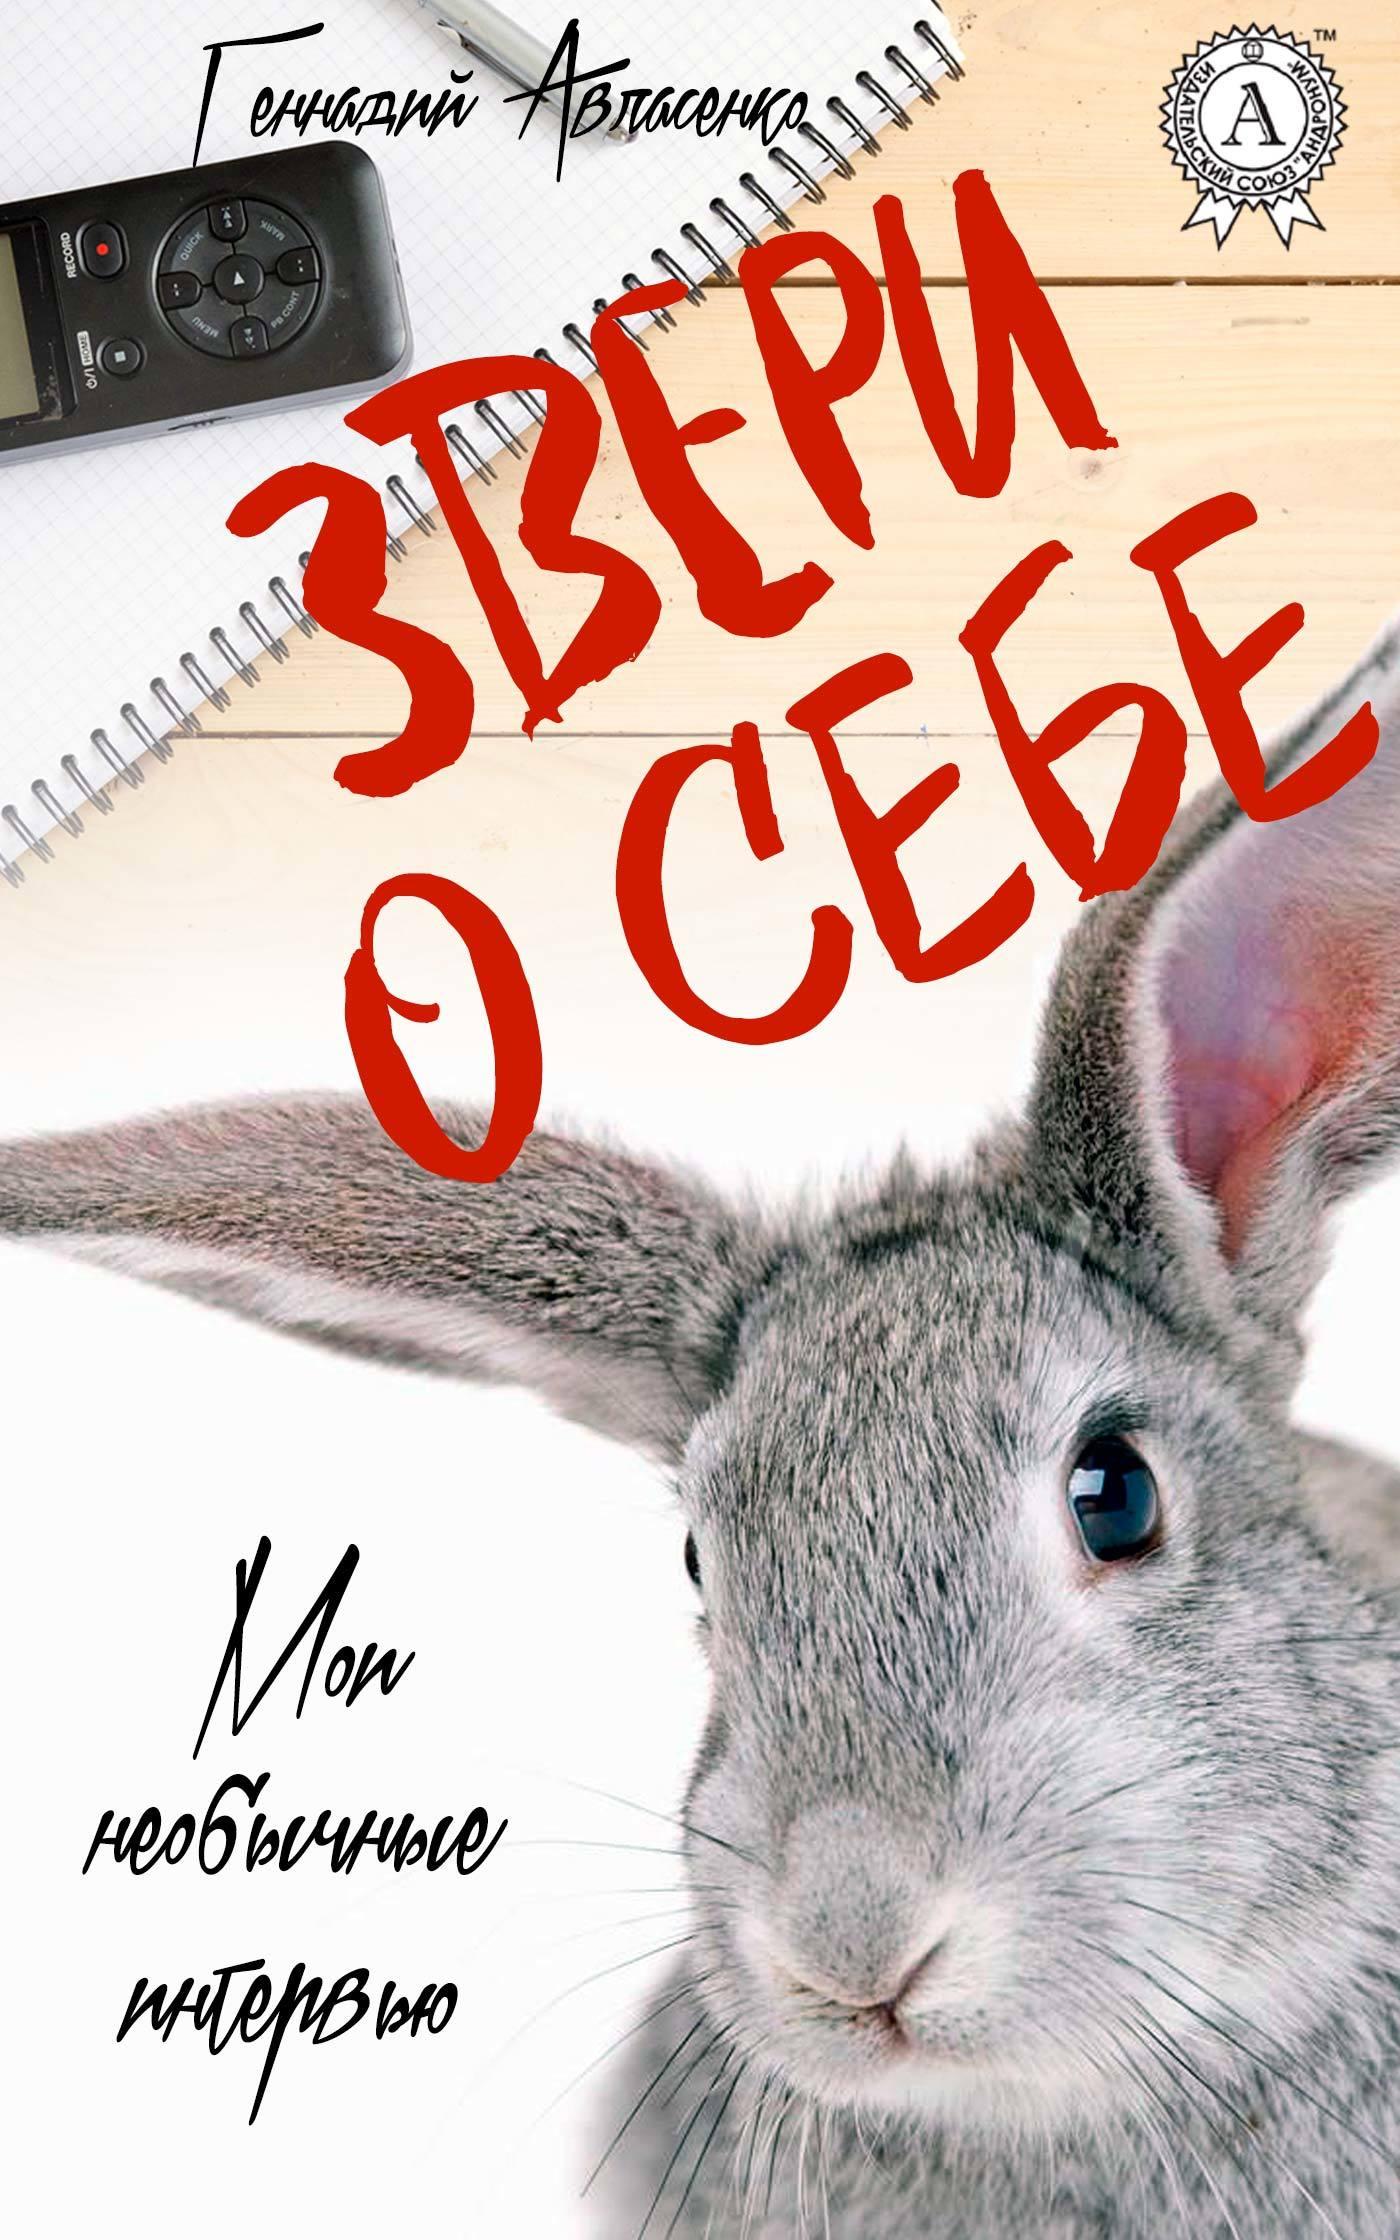 Геннадий Авласенко Звери о себе дуров в мои звери